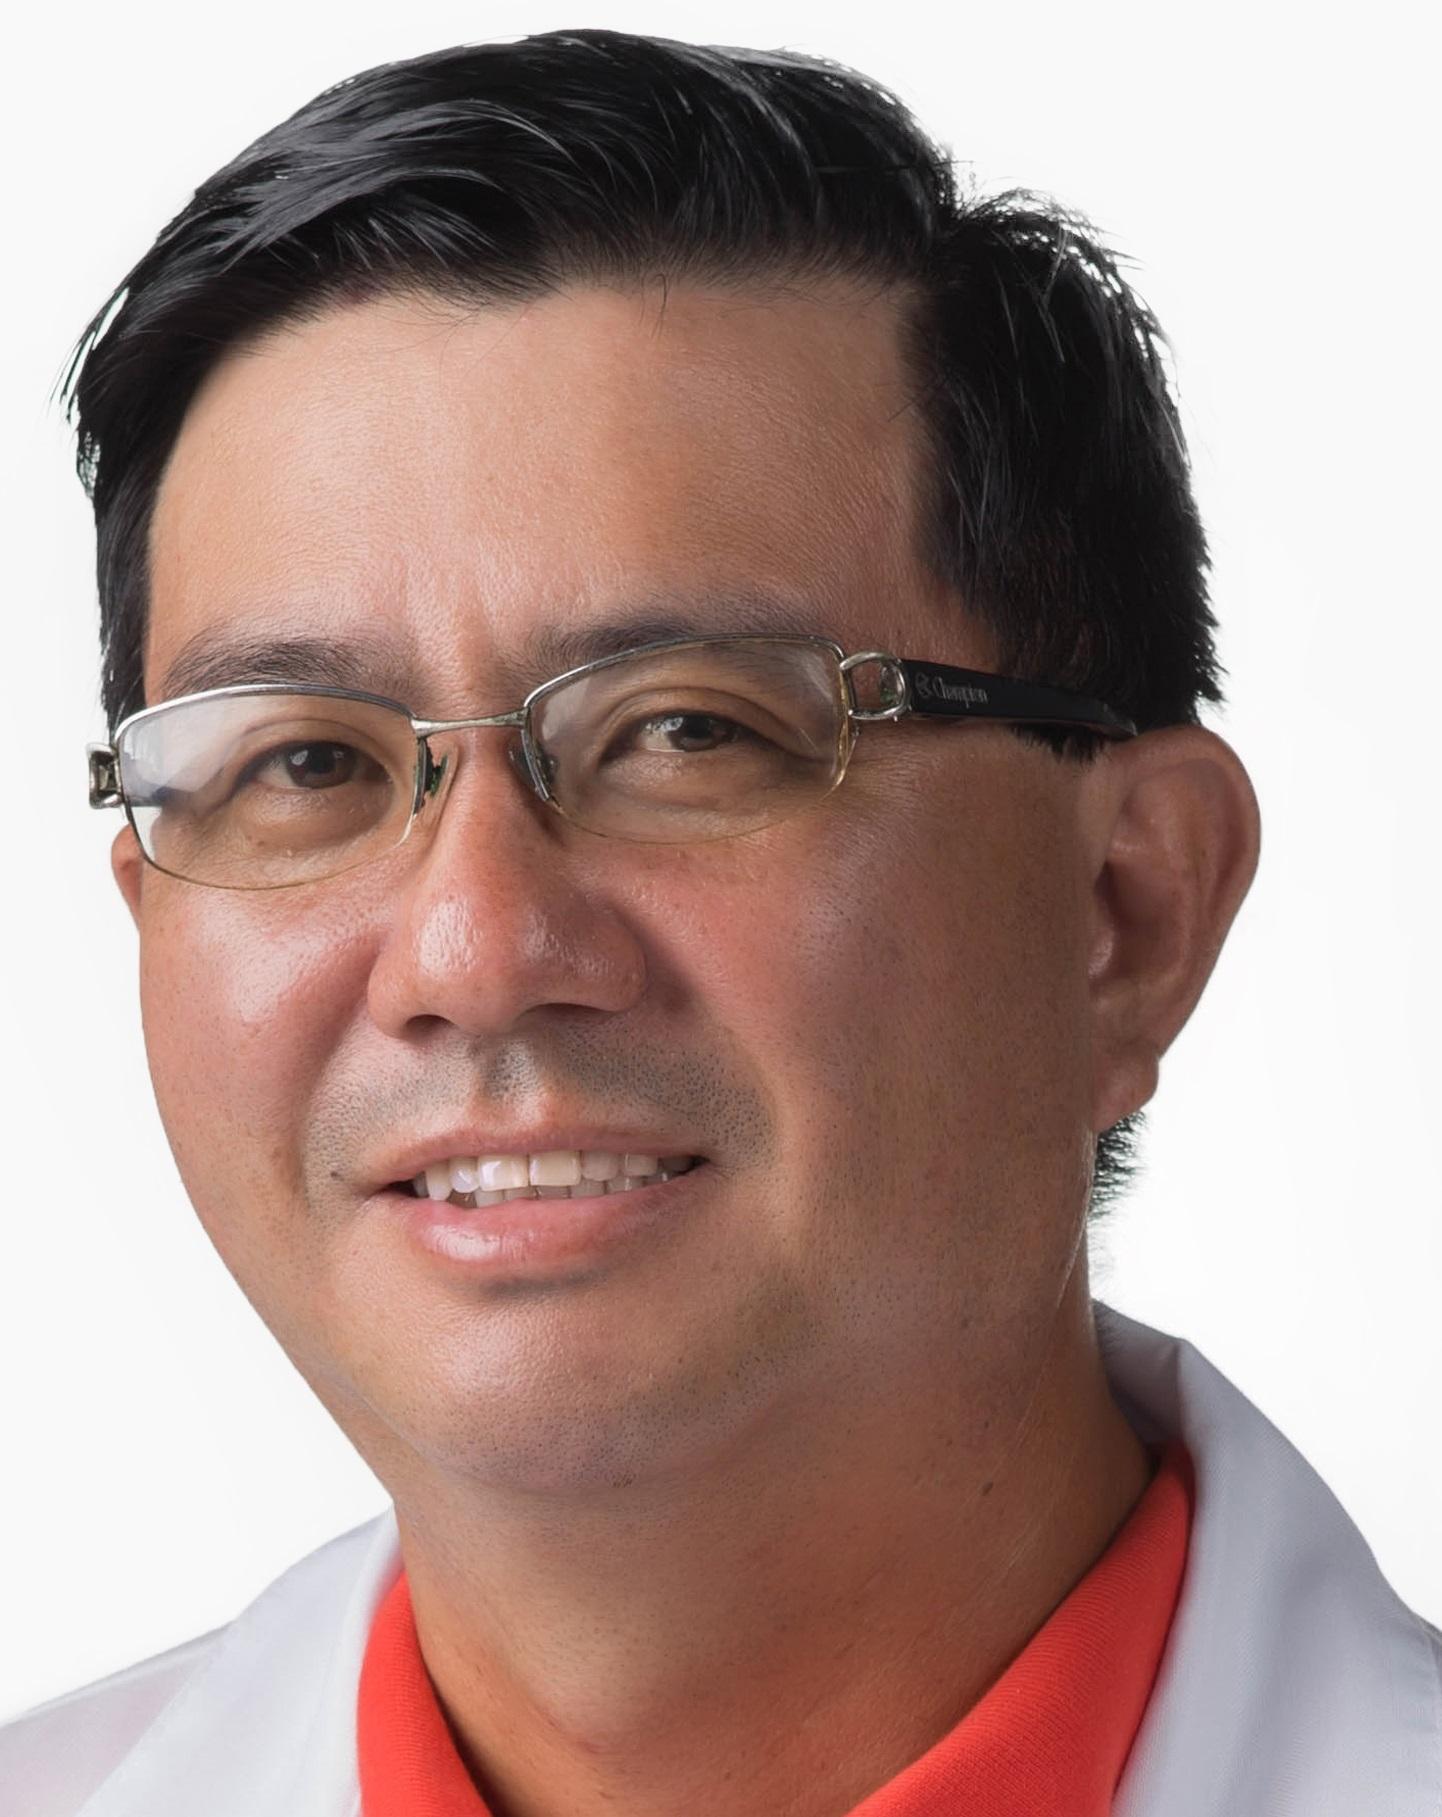 Alberto Koji Harada